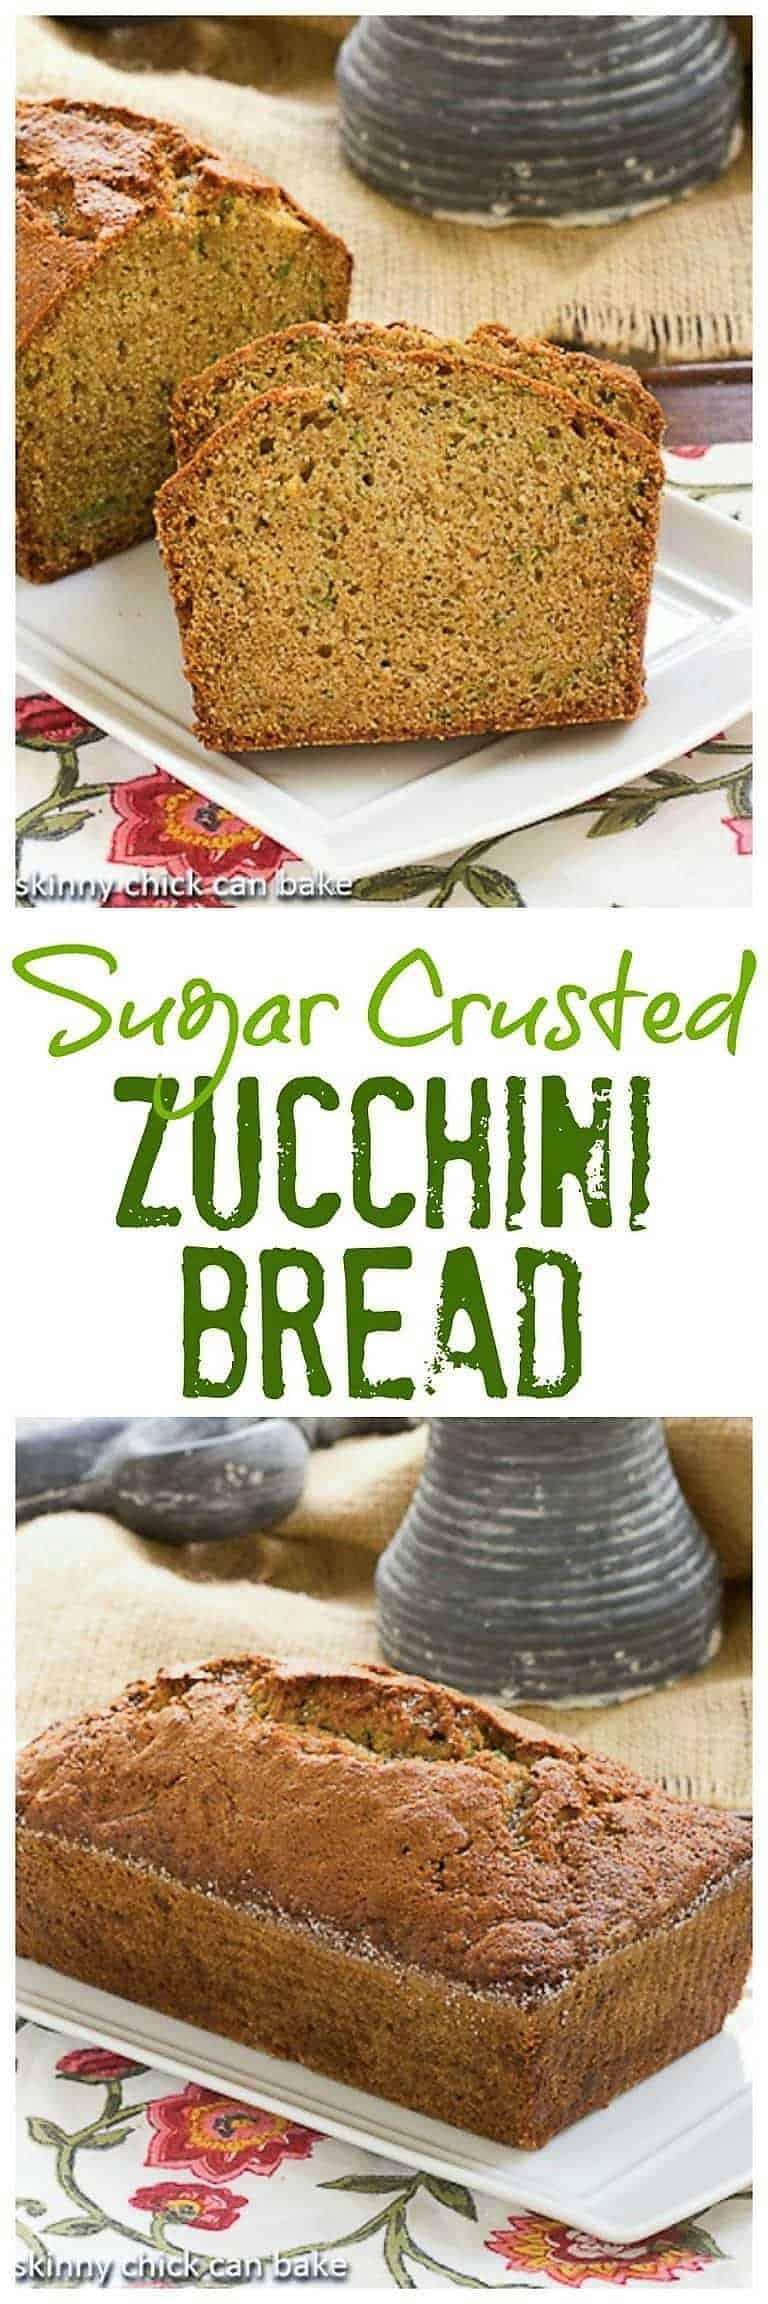 Sugar Crusted Zucchini Bread - A classic zucchini bread recipe with a sweet sugar crust #zucchinbread #healthierzucchinibread #quickbread